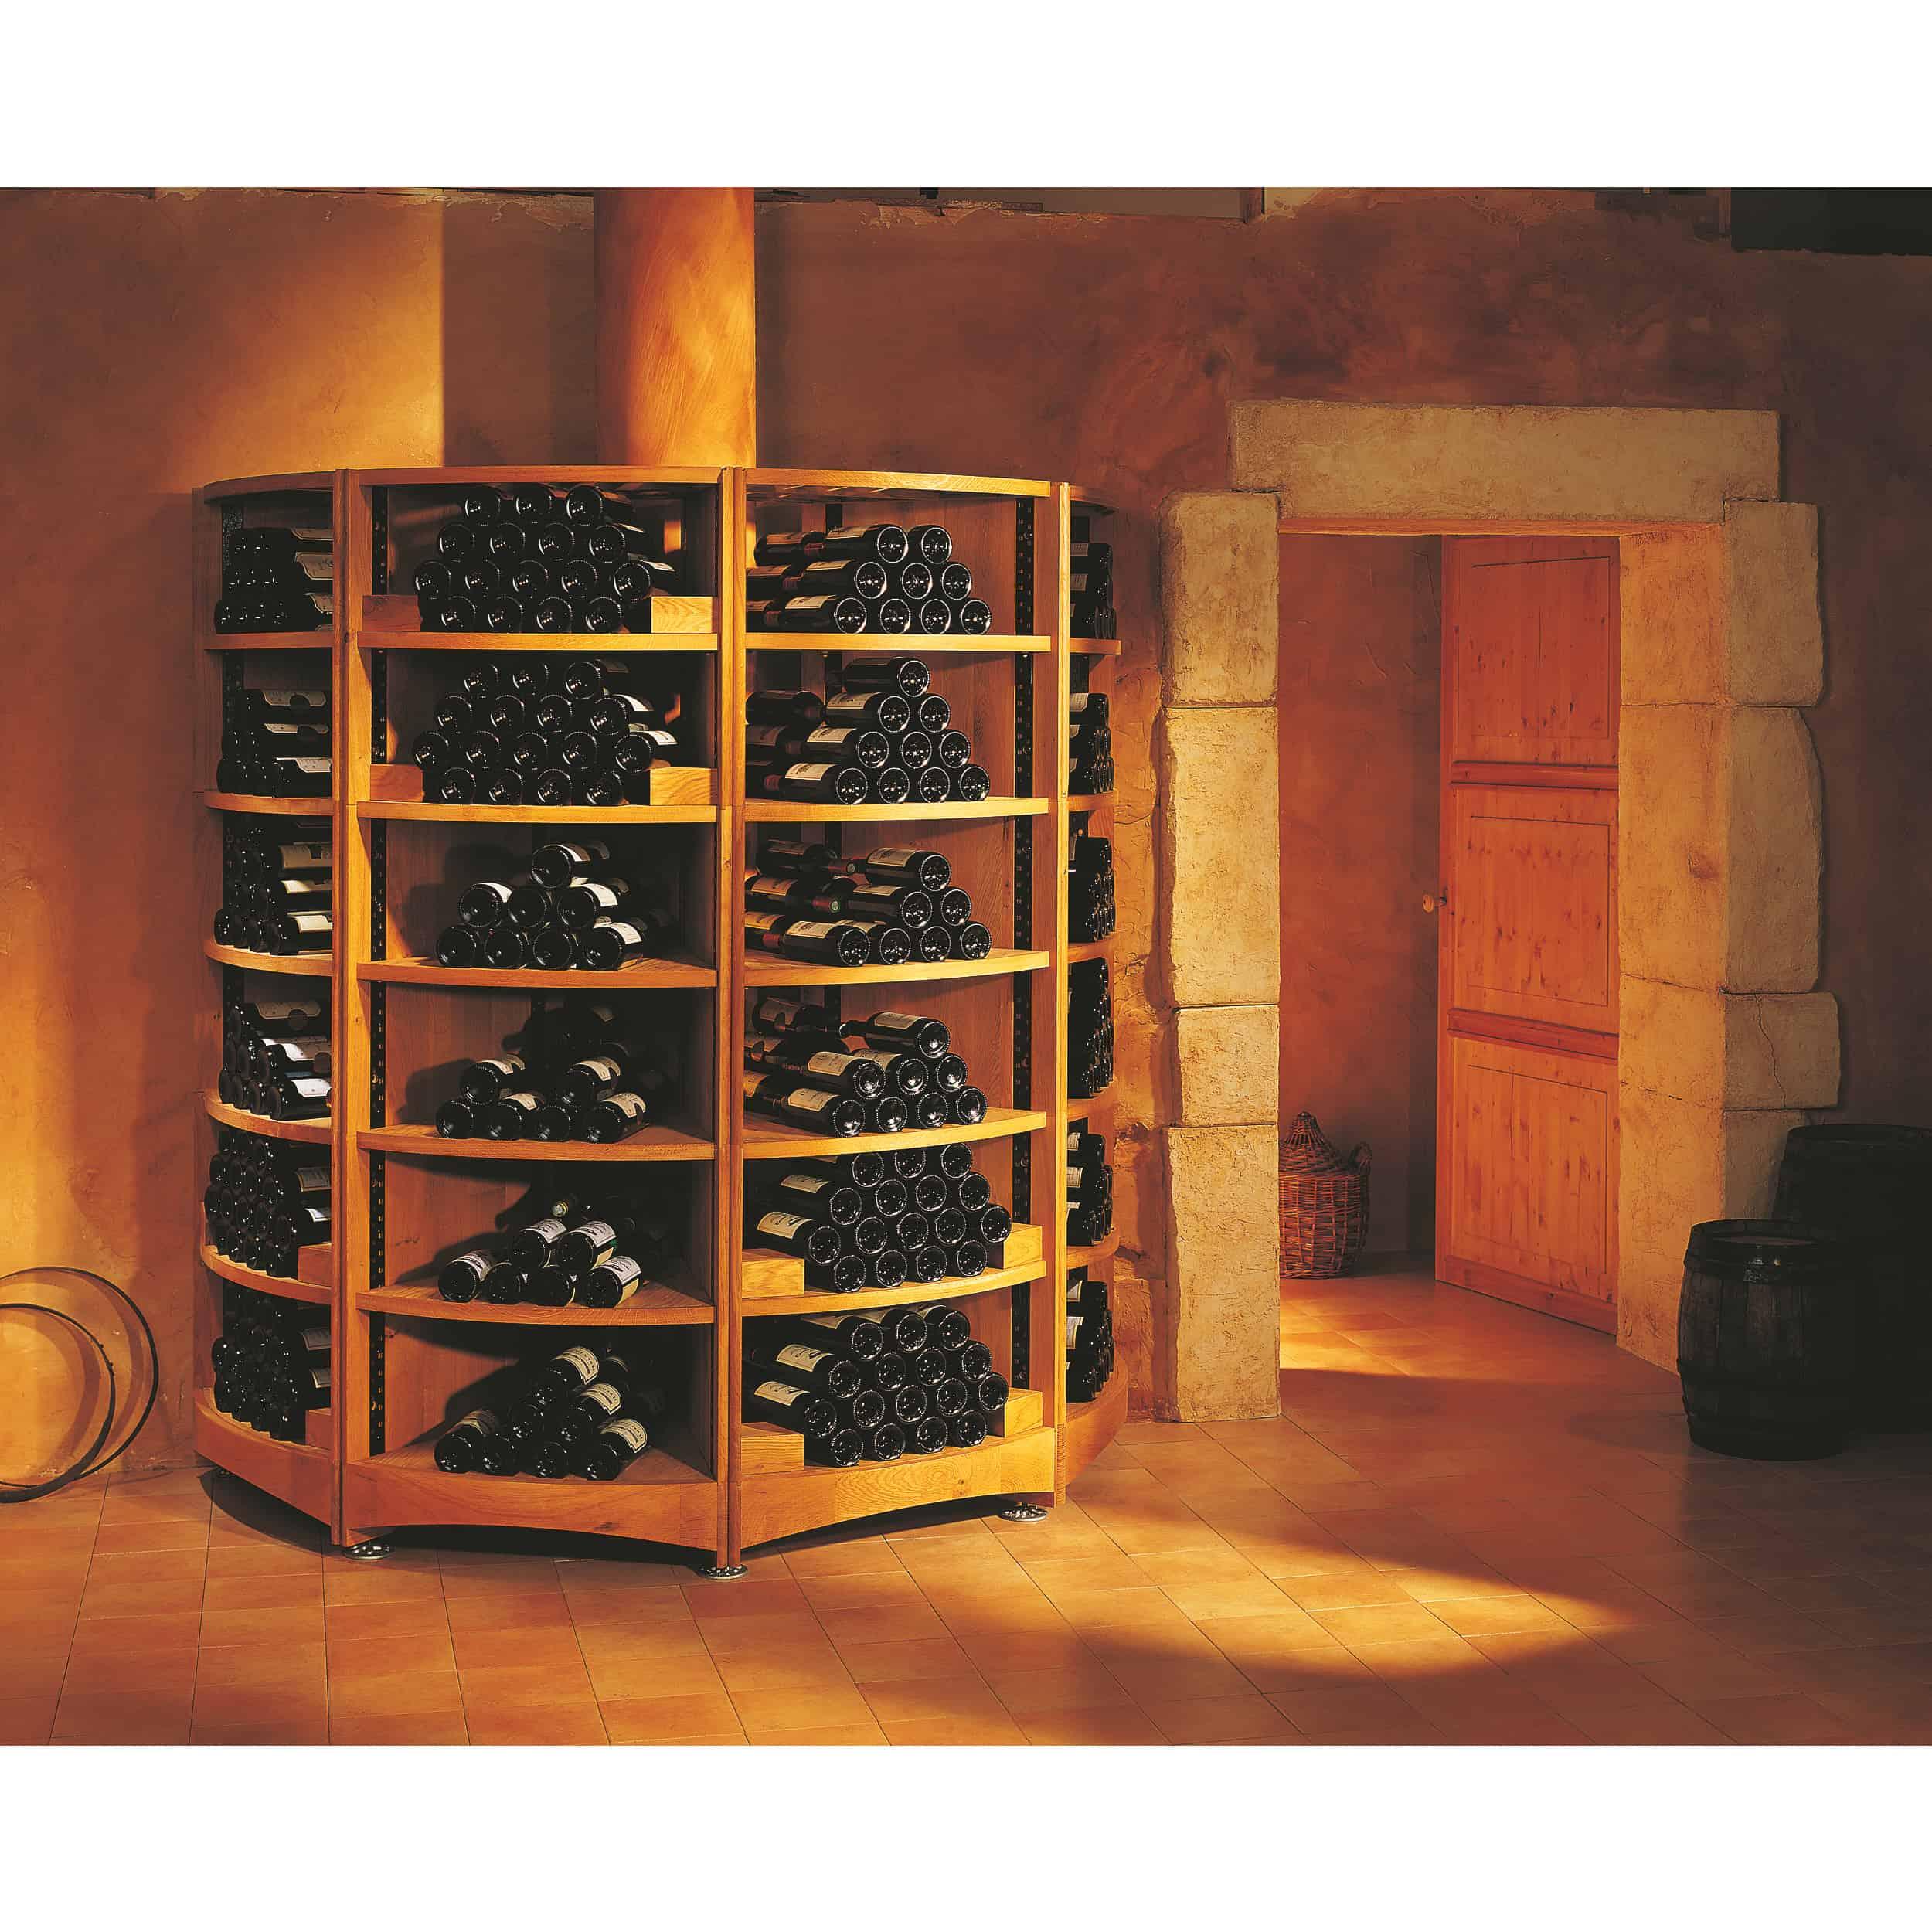 מדפים לאחסון יין מעץ מלא למרתף יינות